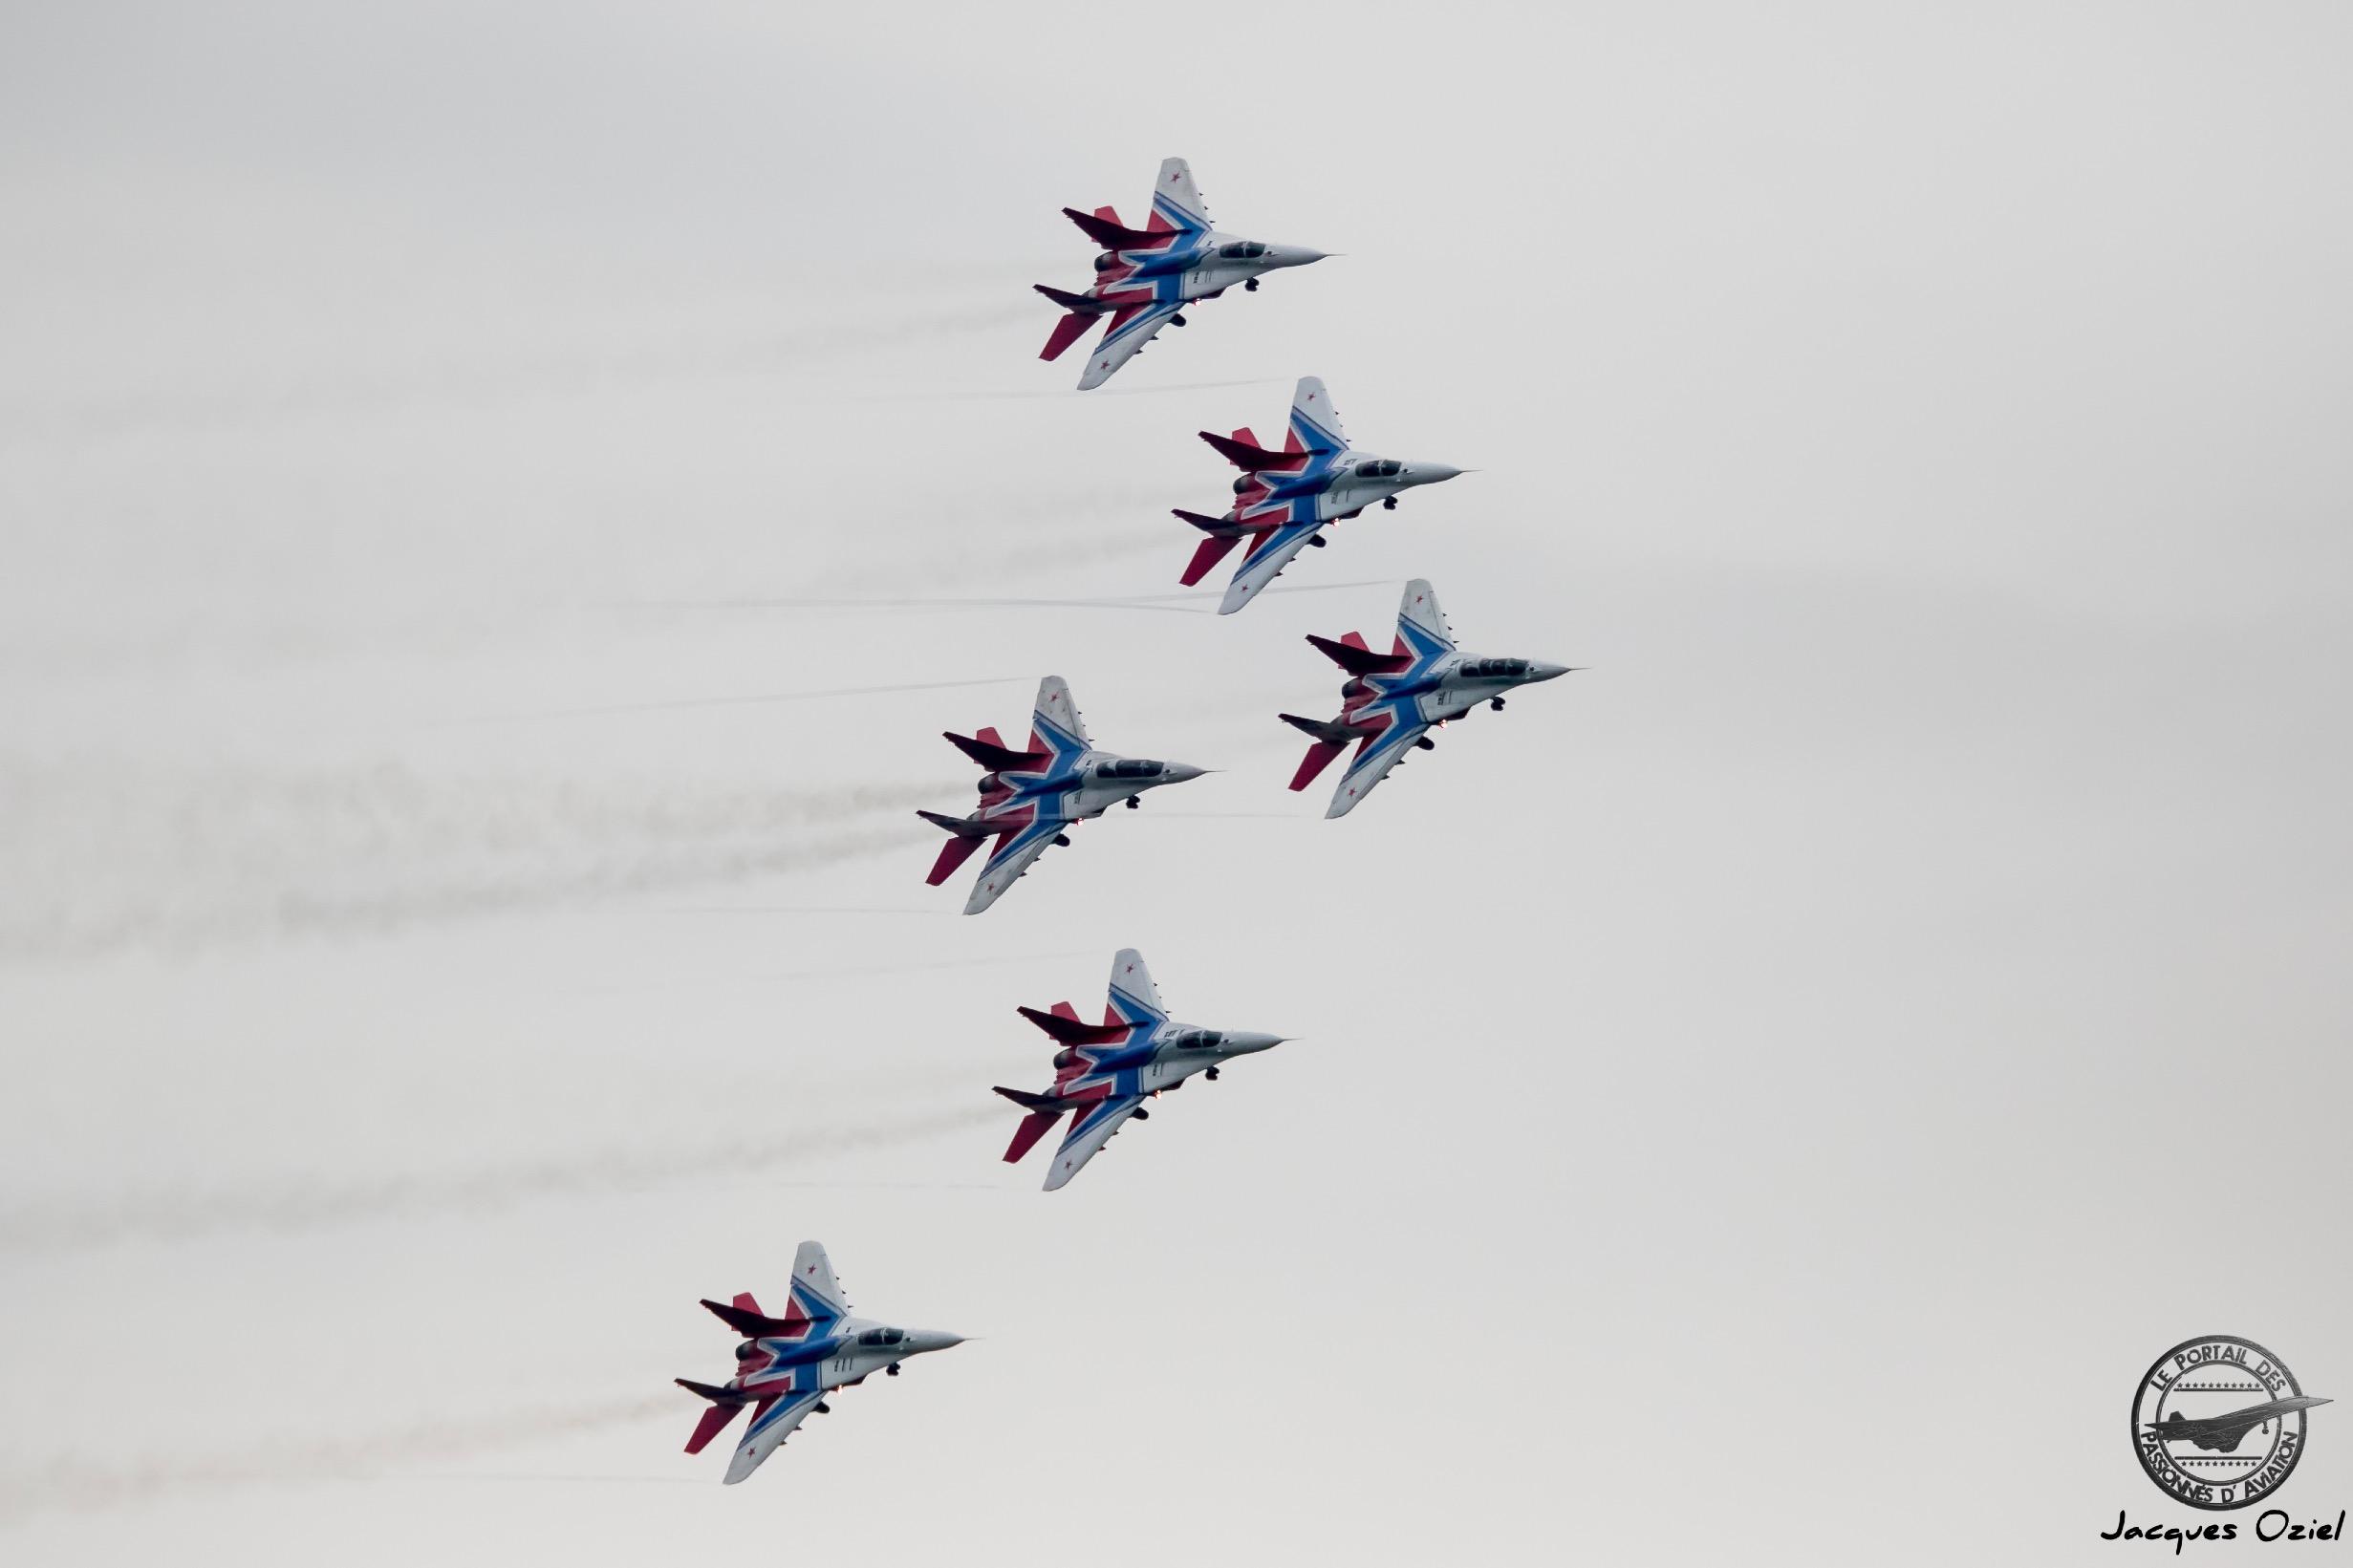 MiG-29 du 237th Centre de Démonstration d'Avions des Gardes Proskurov basé à Kubinka.